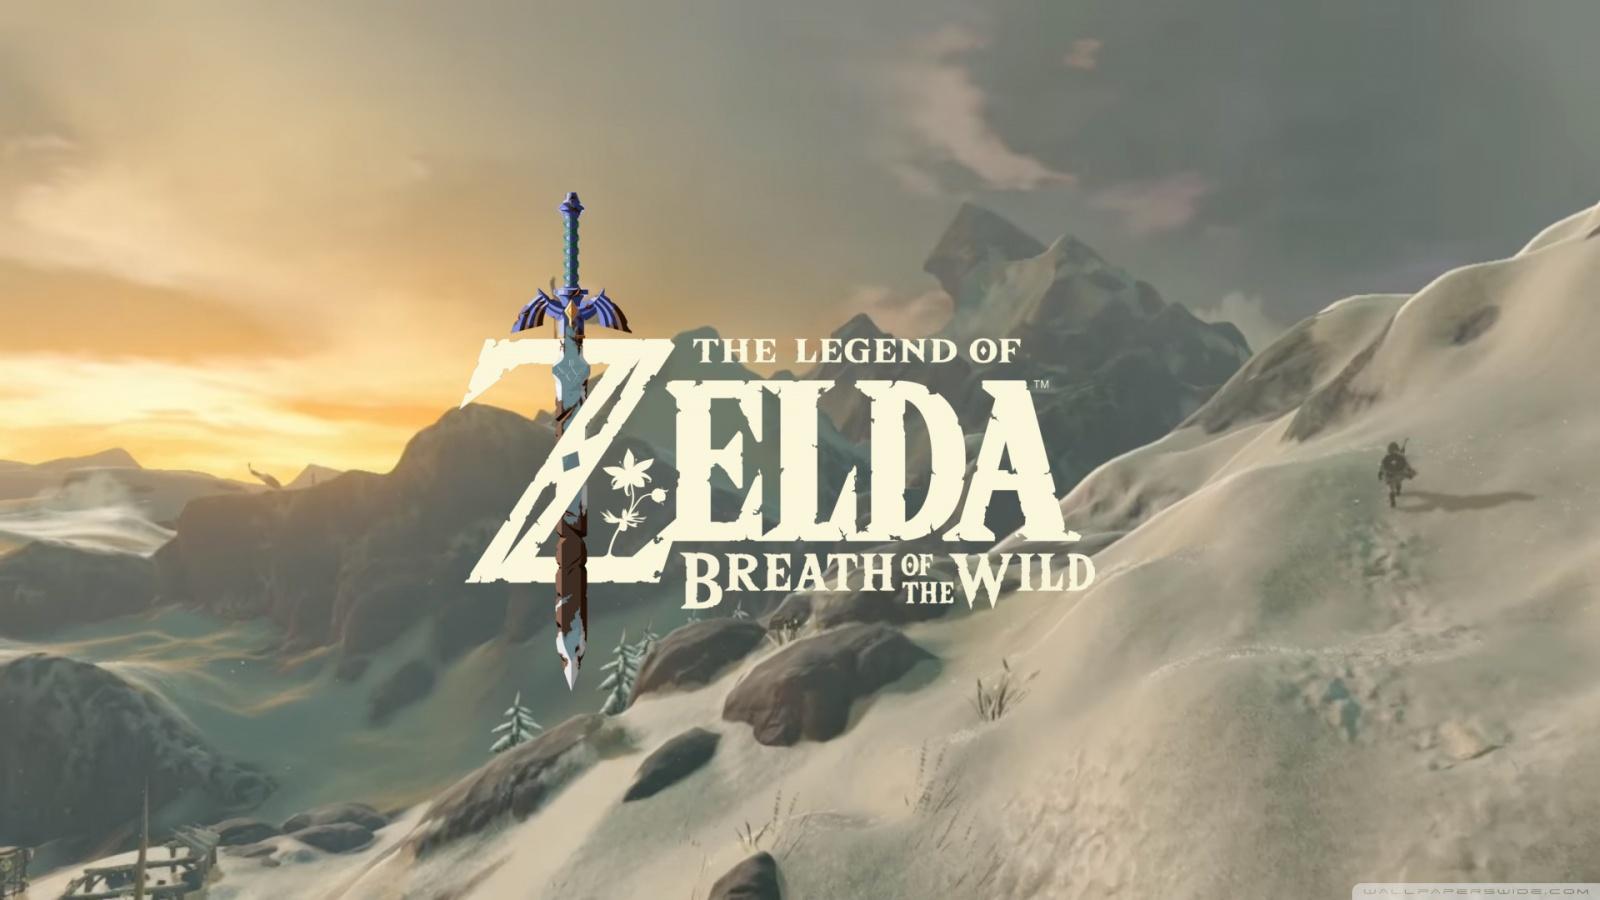 Free Download The Legend Of Zelda Breath Of The Wild 4k Hd Desktop